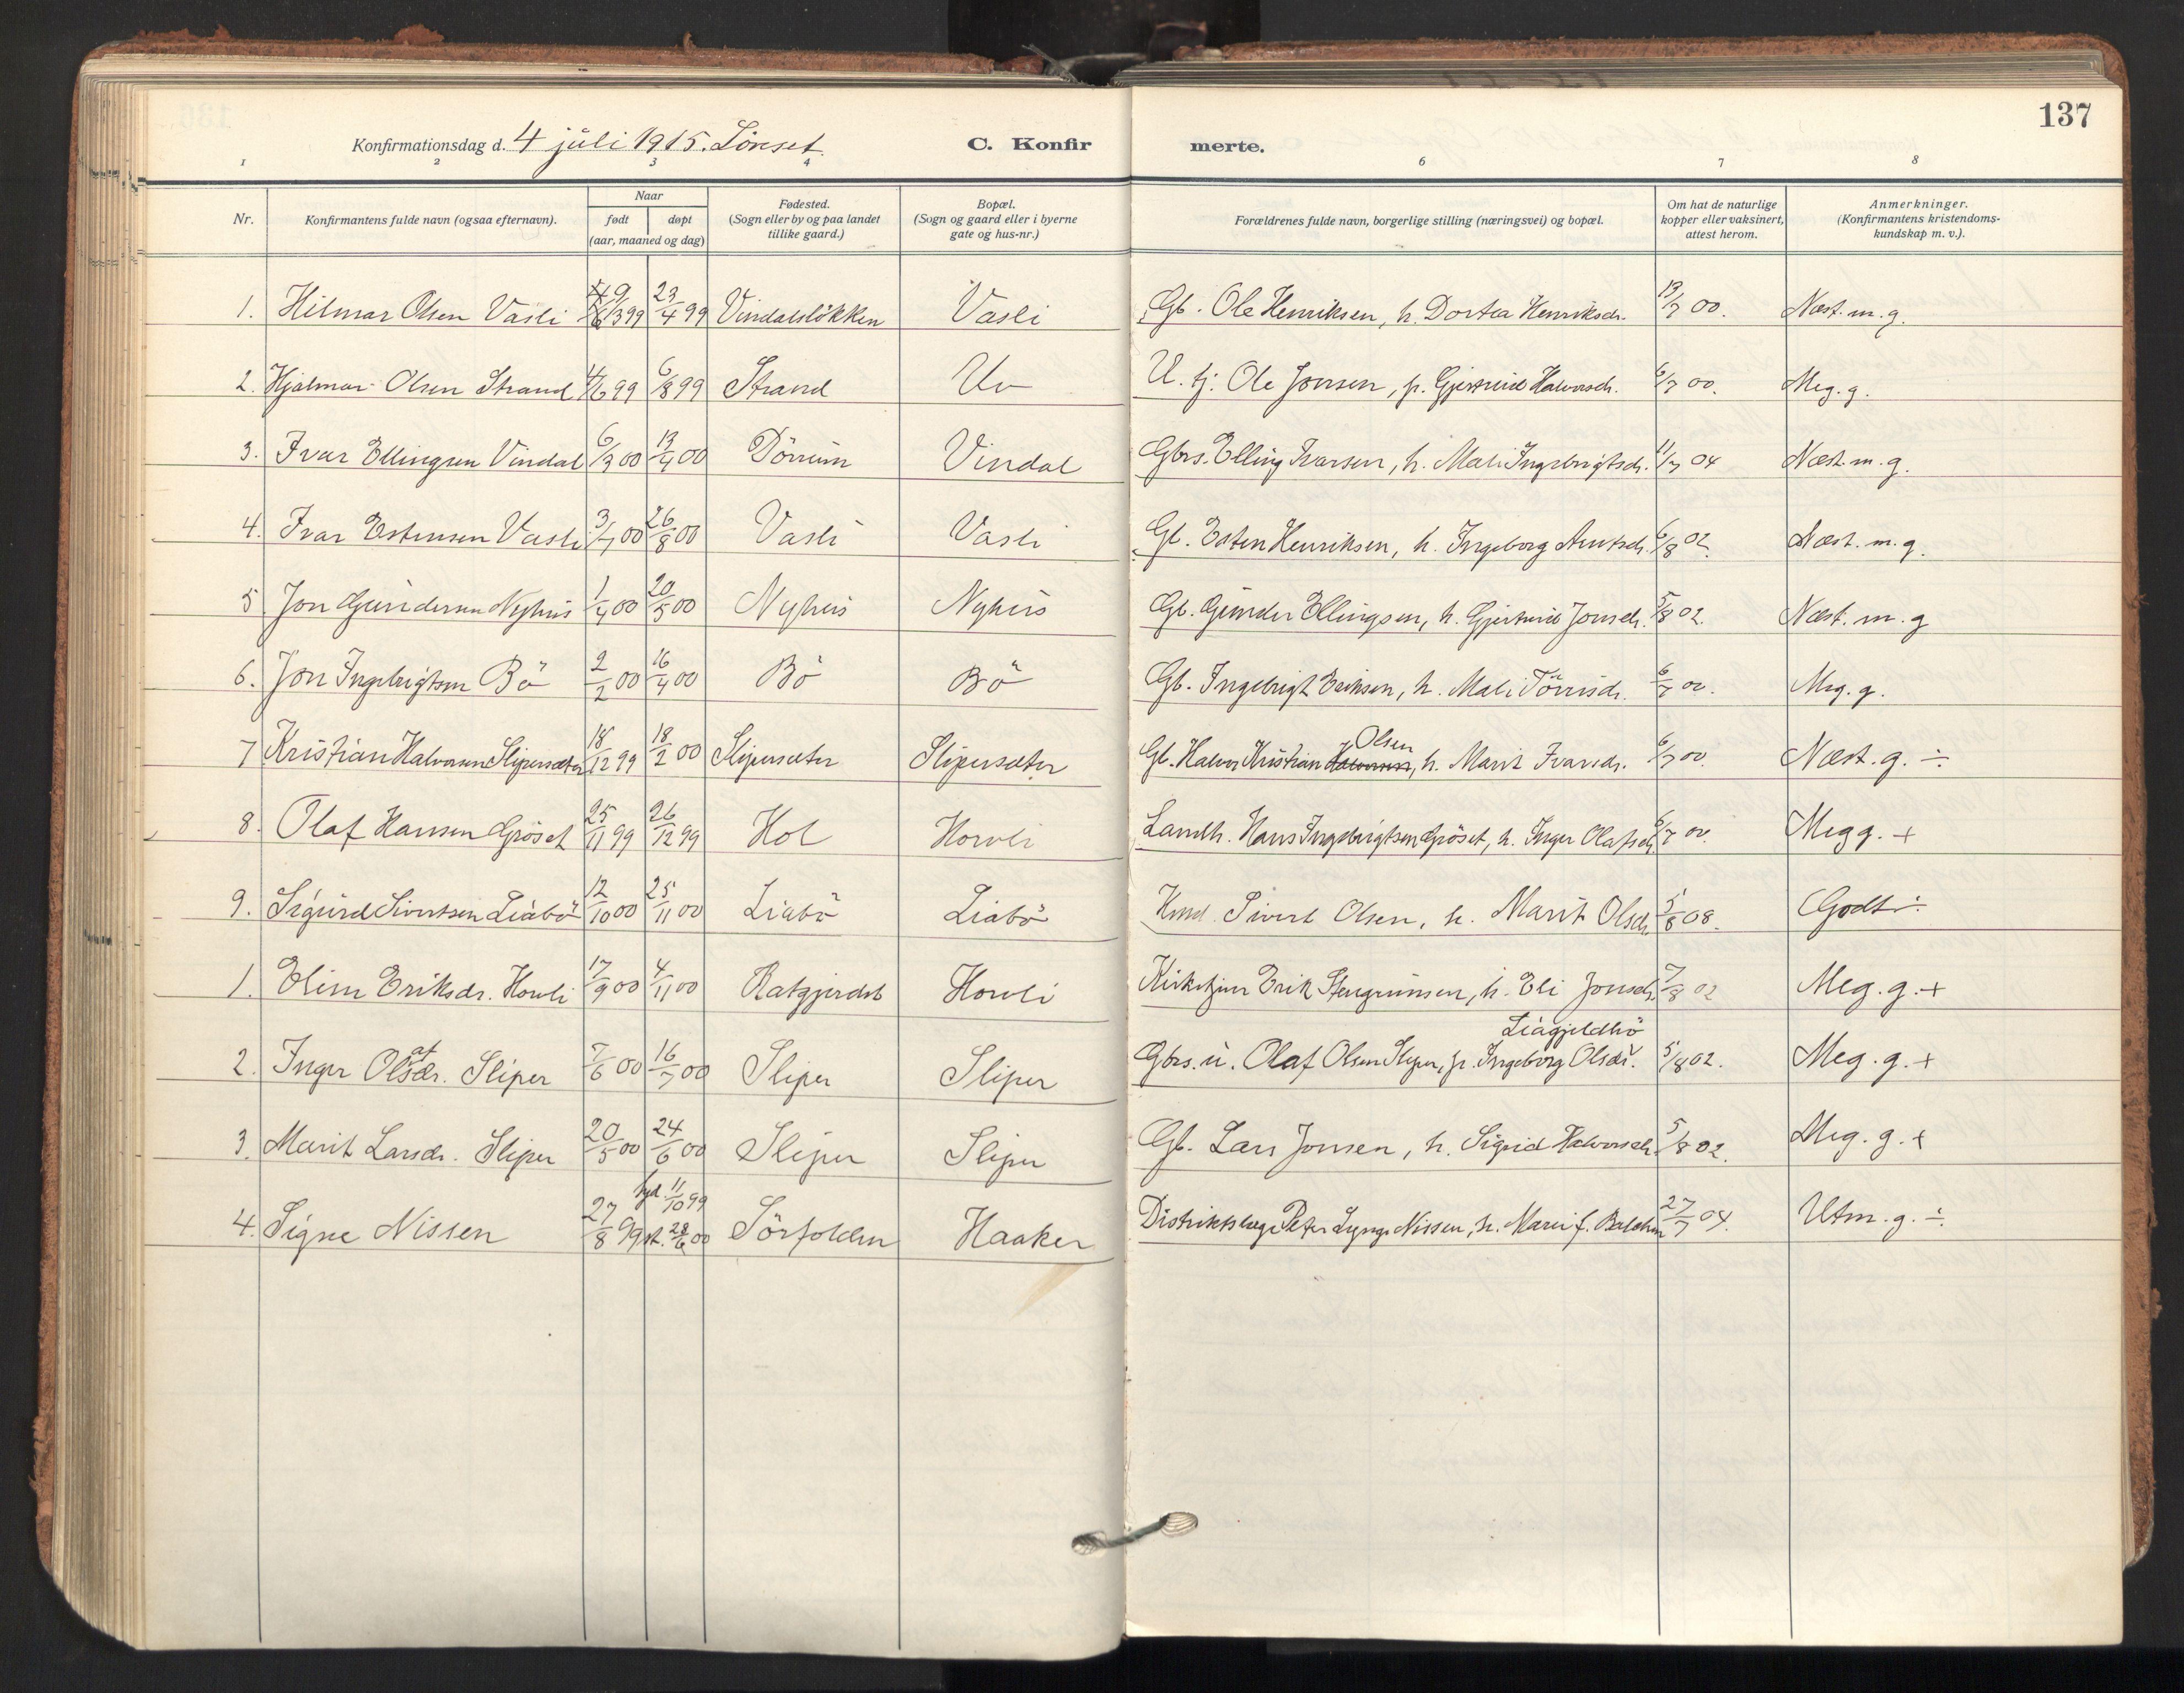 SAT, Ministerialprotokoller, klokkerbøker og fødselsregistre - Sør-Trøndelag, 678/L0909: Ministerialbok nr. 678A17, 1912-1930, s. 137